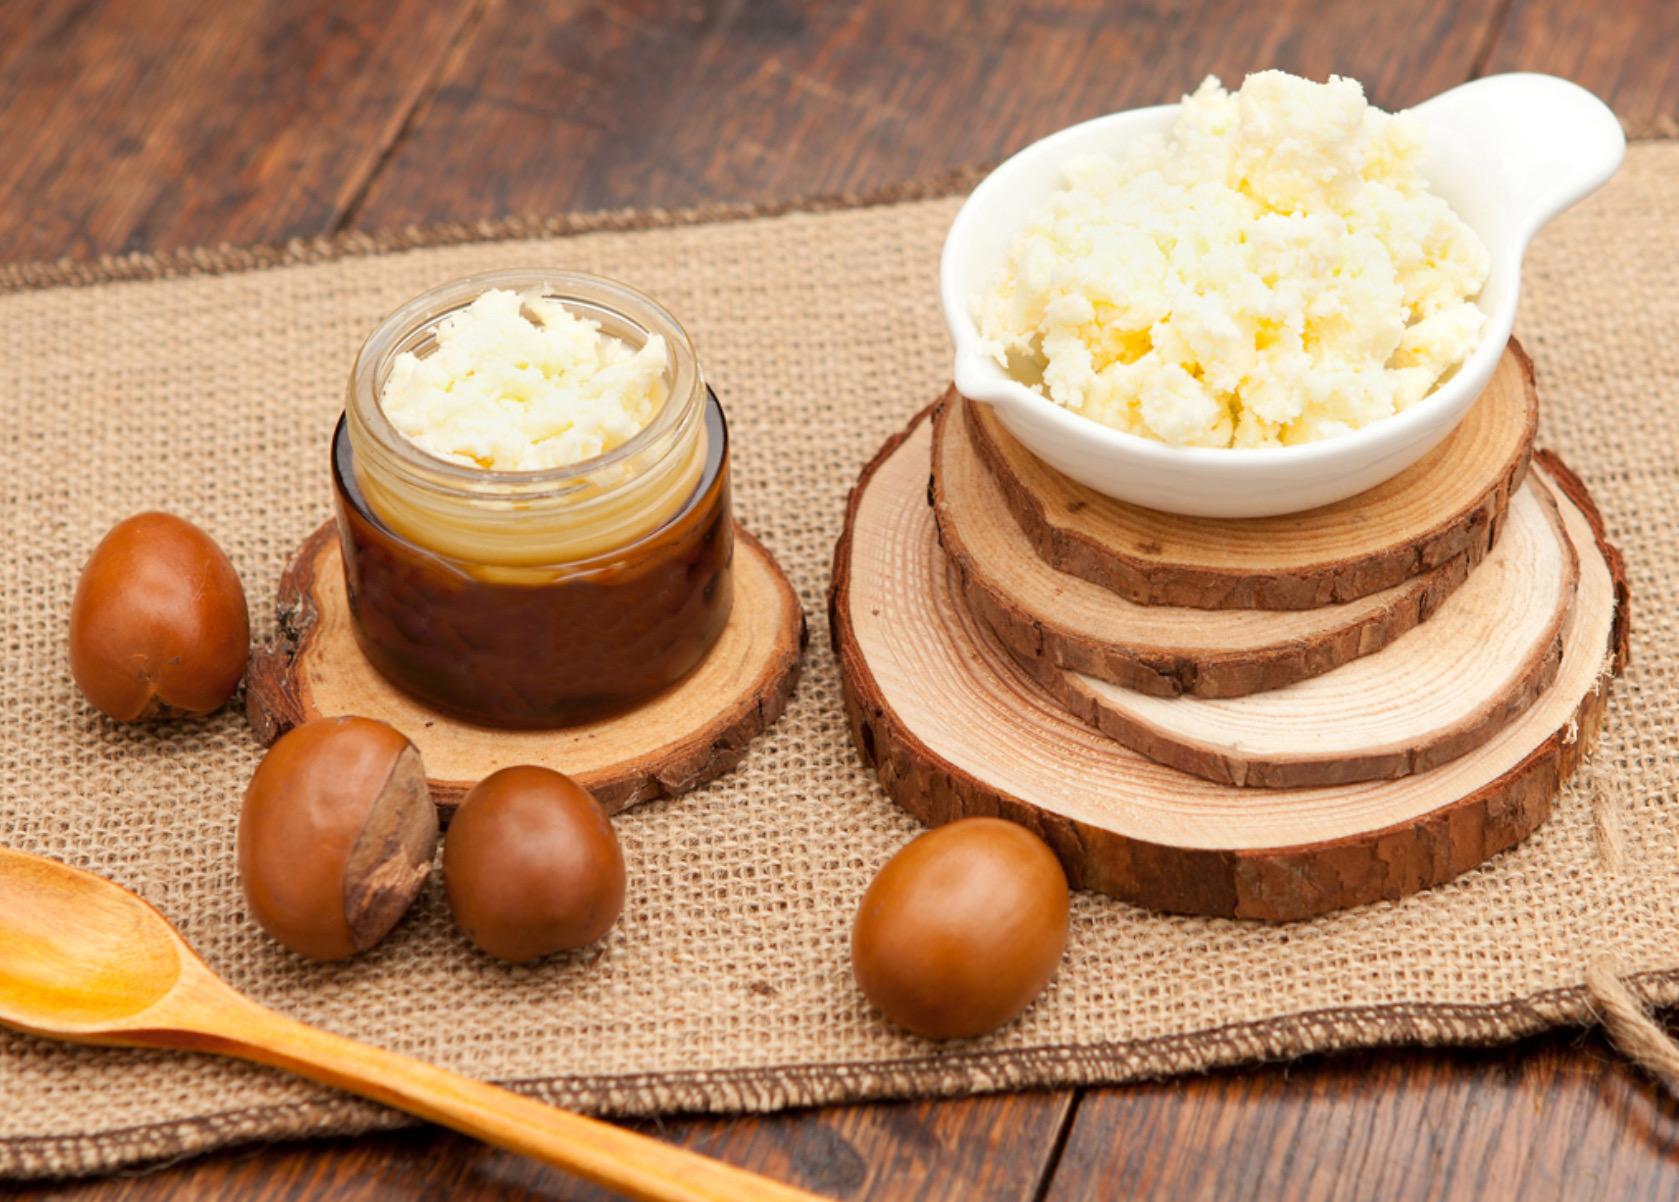 Comment choisir son beurre de karité ?